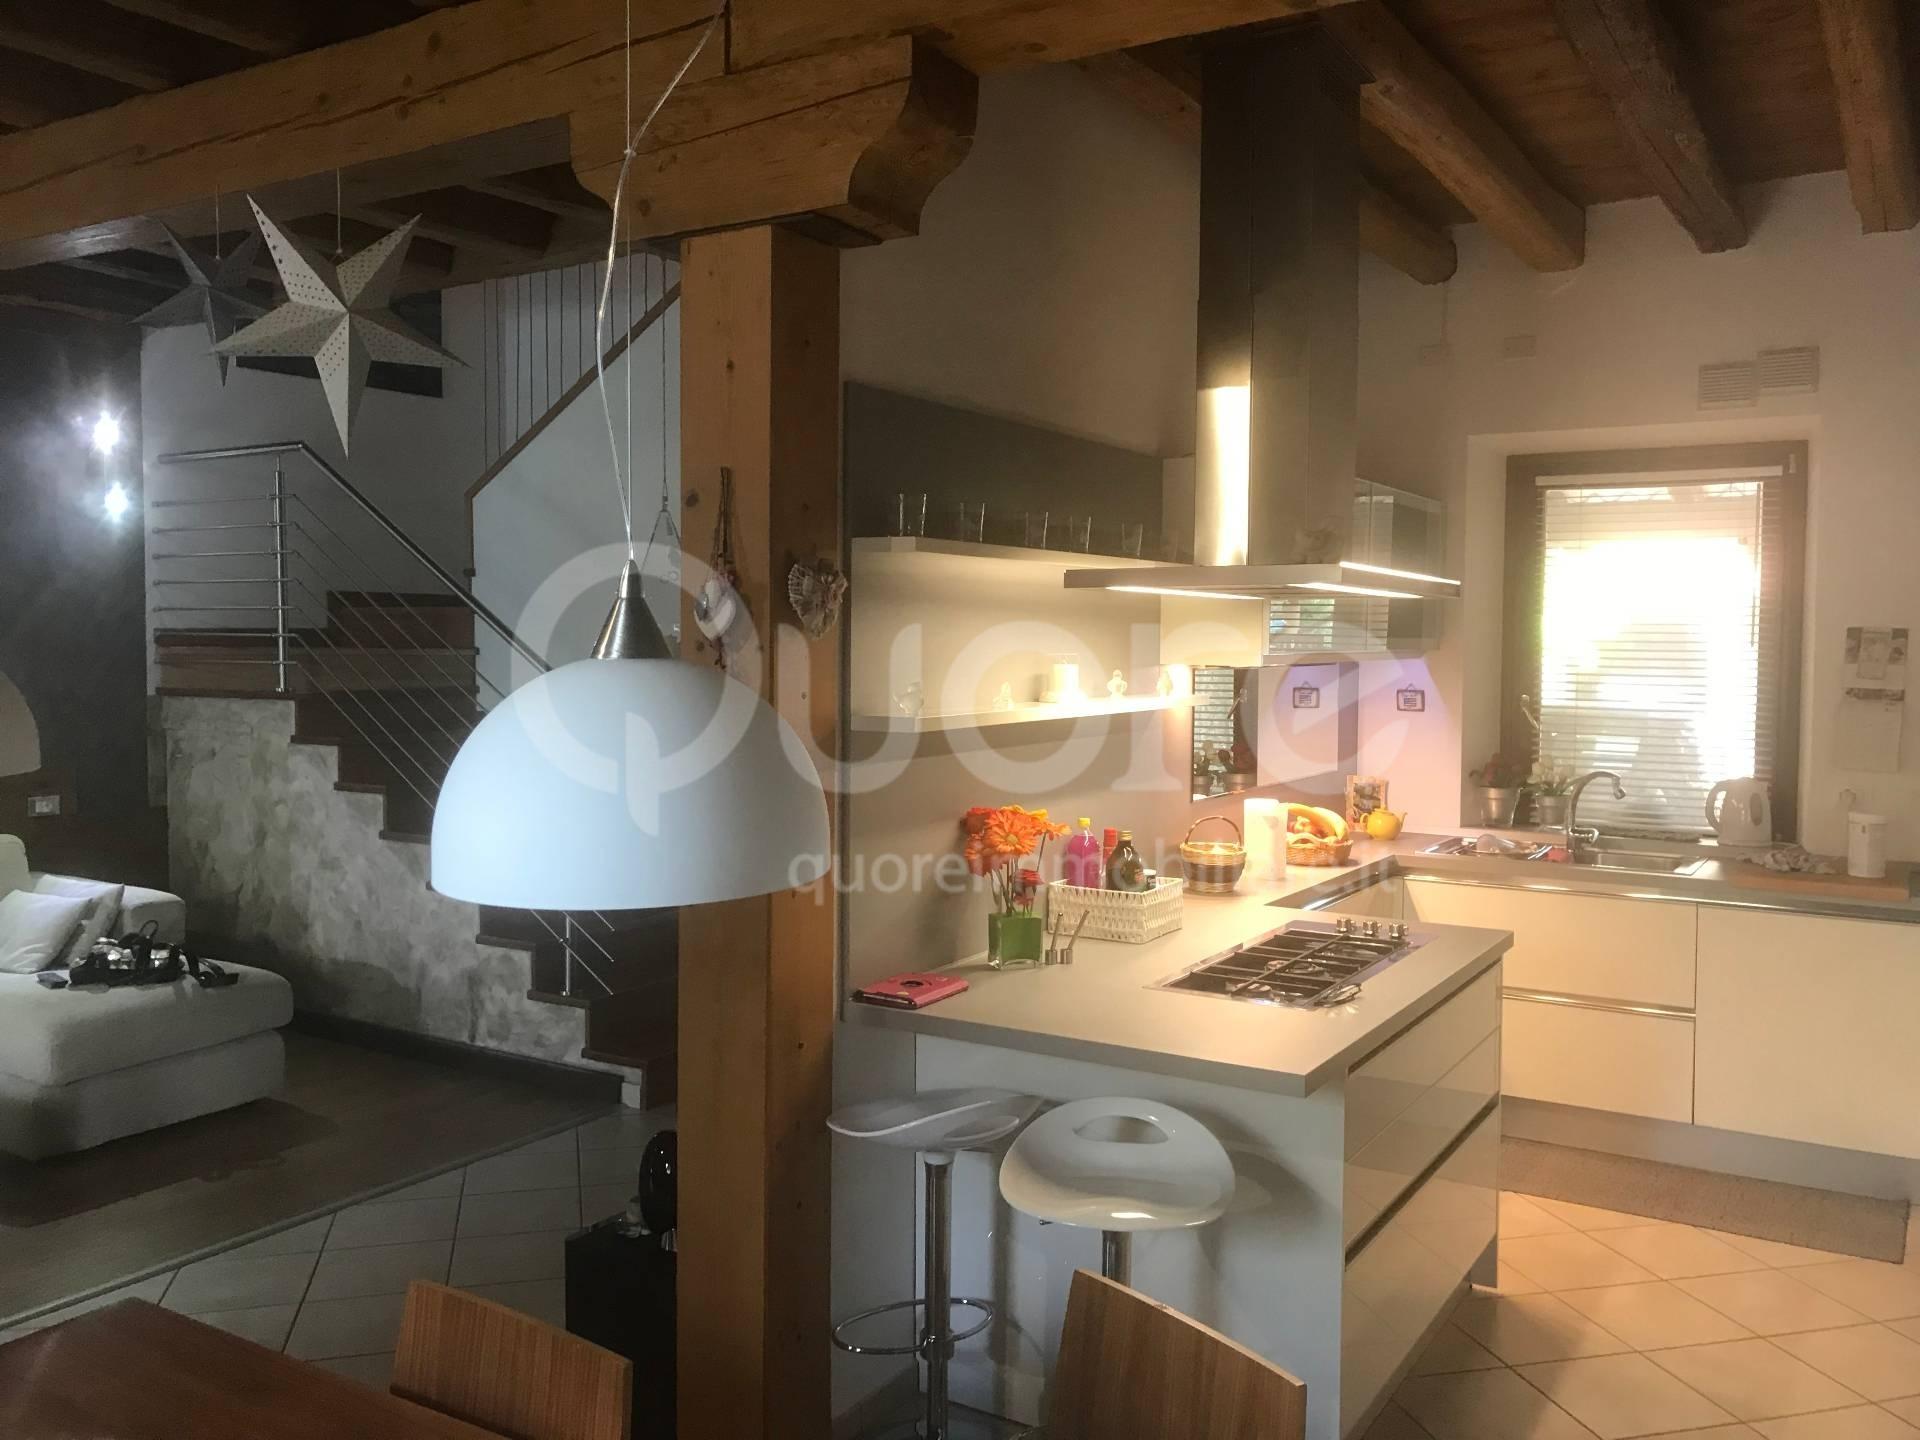 Villa a Schiera in vendita a Martignacco, 7 locali, prezzo € 280.000 | CambioCasa.it